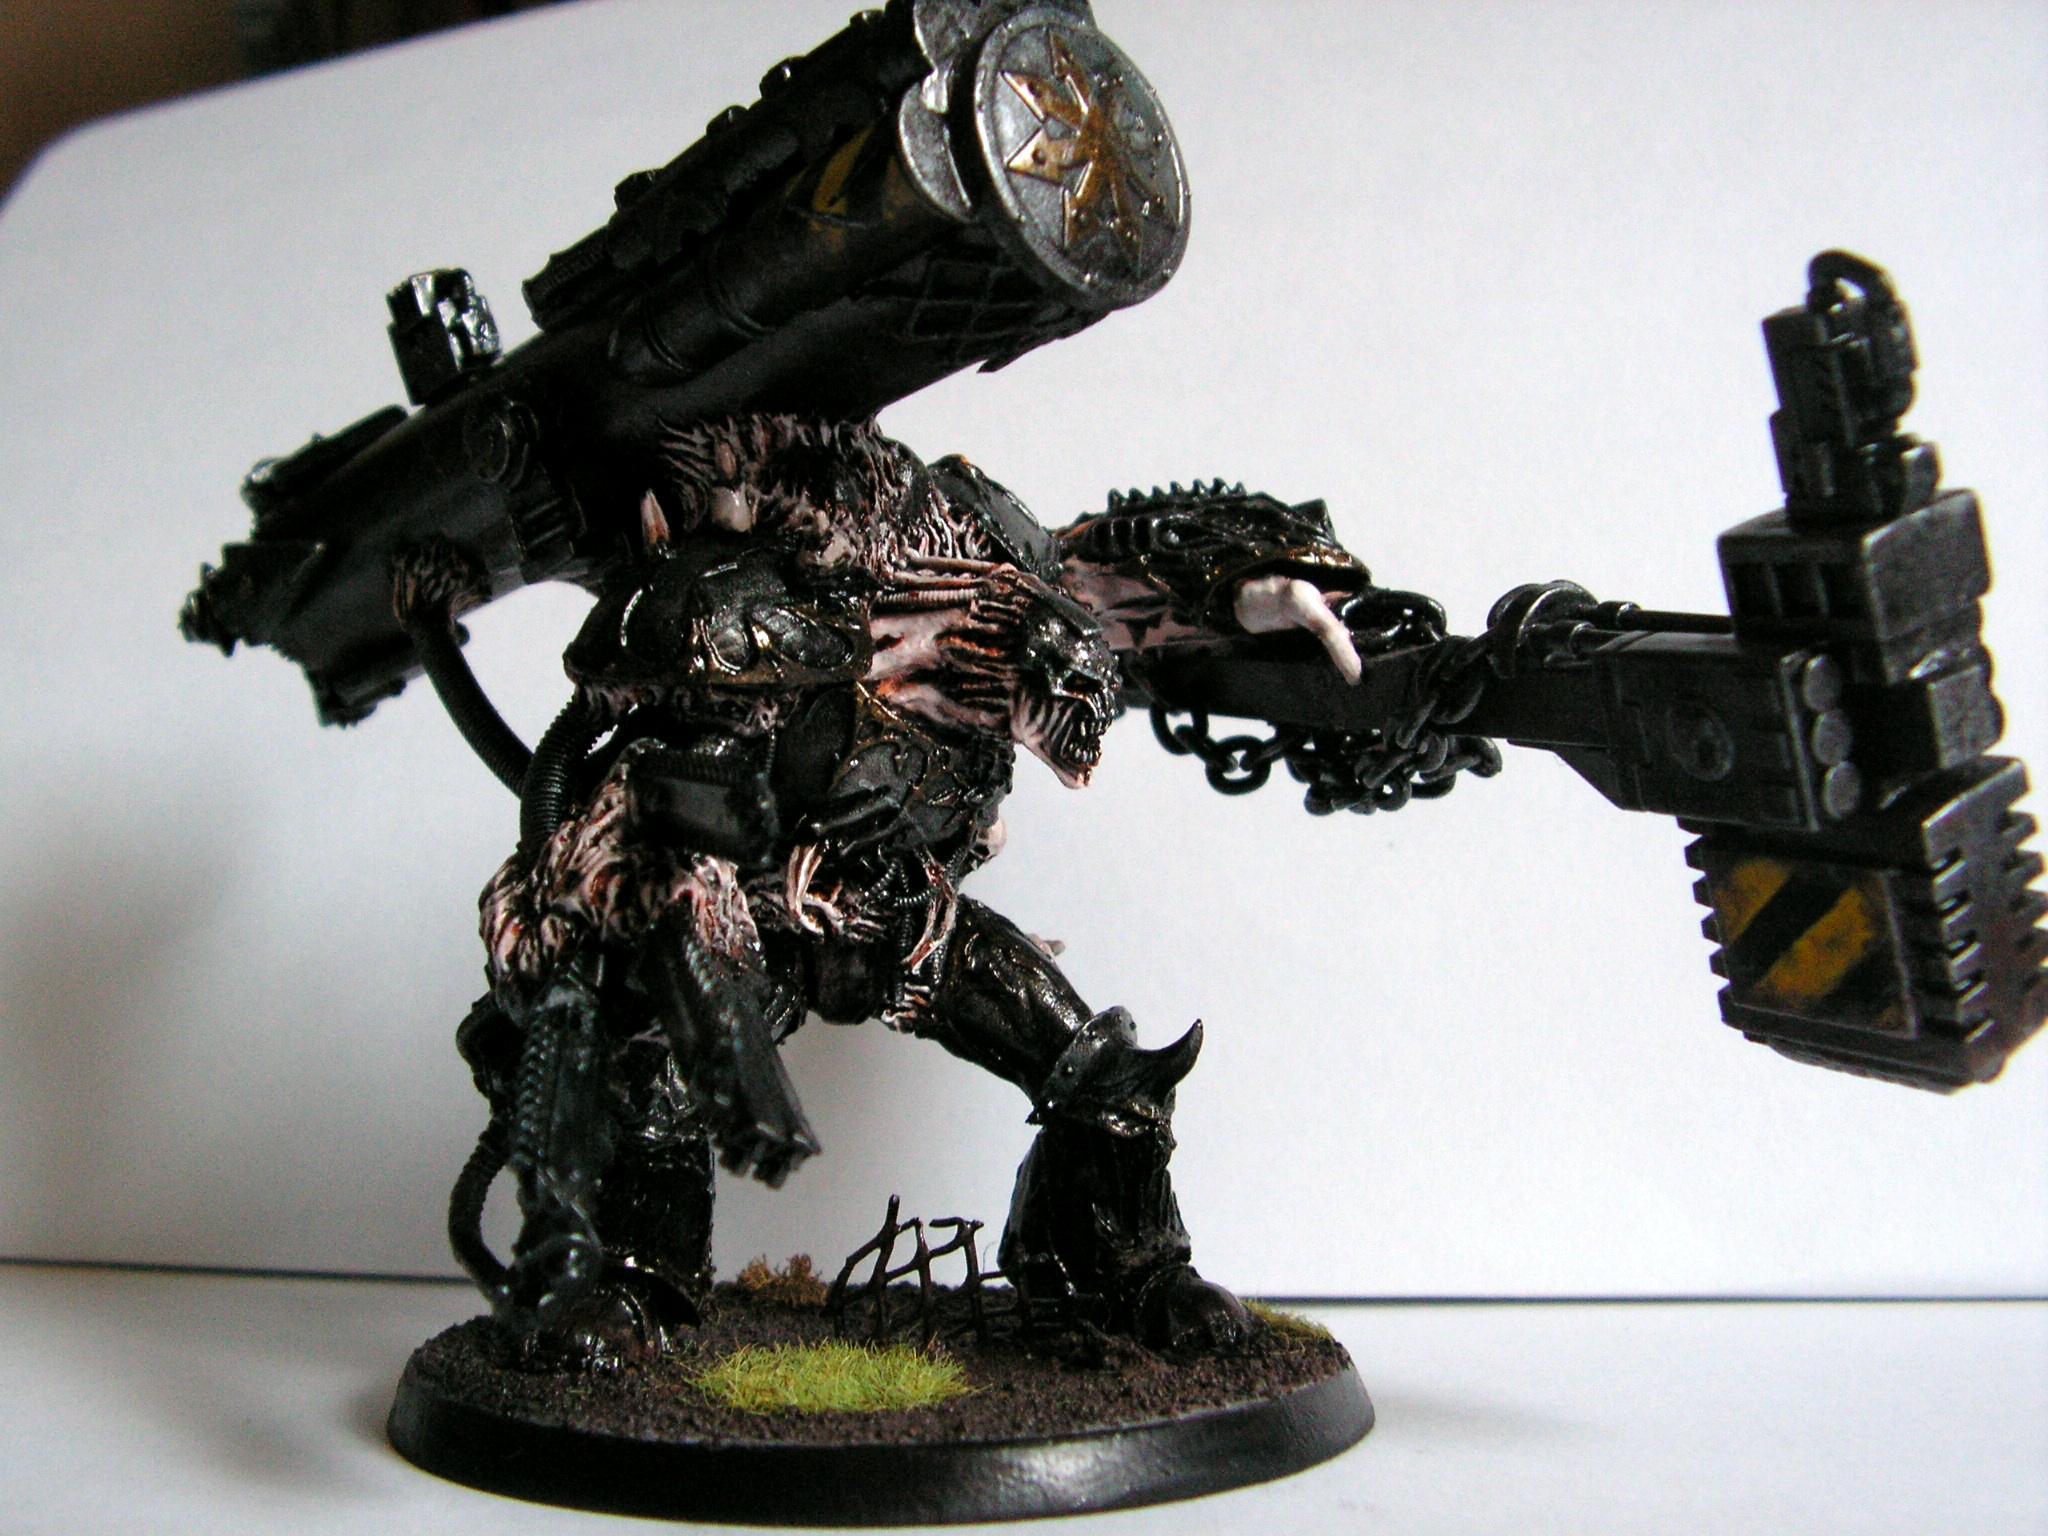 Chaos, Daemon Prince, Daemon Prince Iron Warriors, Daemons, Iron Warriors, Over The Top, Prince